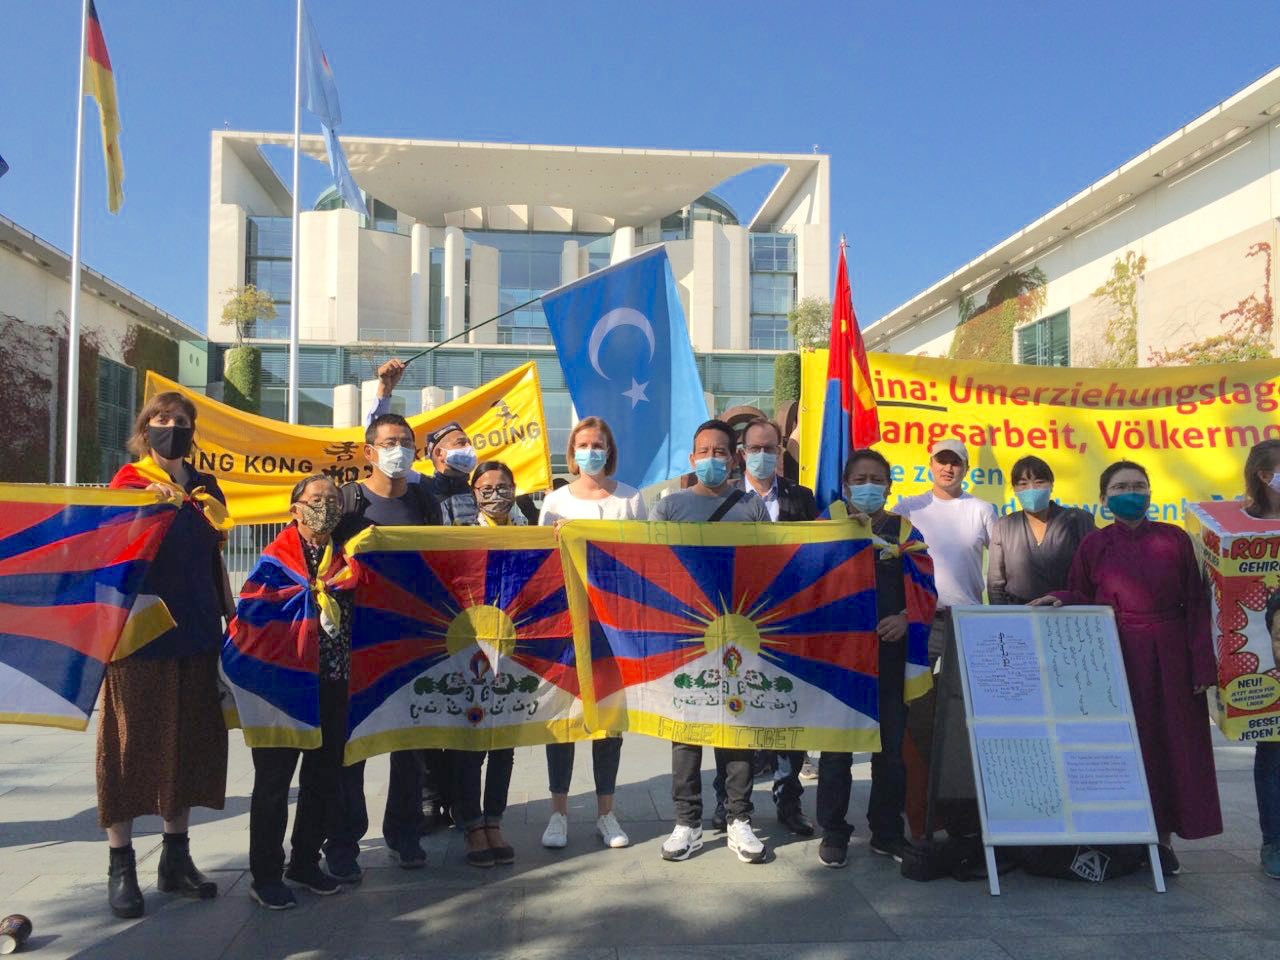 多團體德總理府抗議 籲中歐峰會納入人權議題